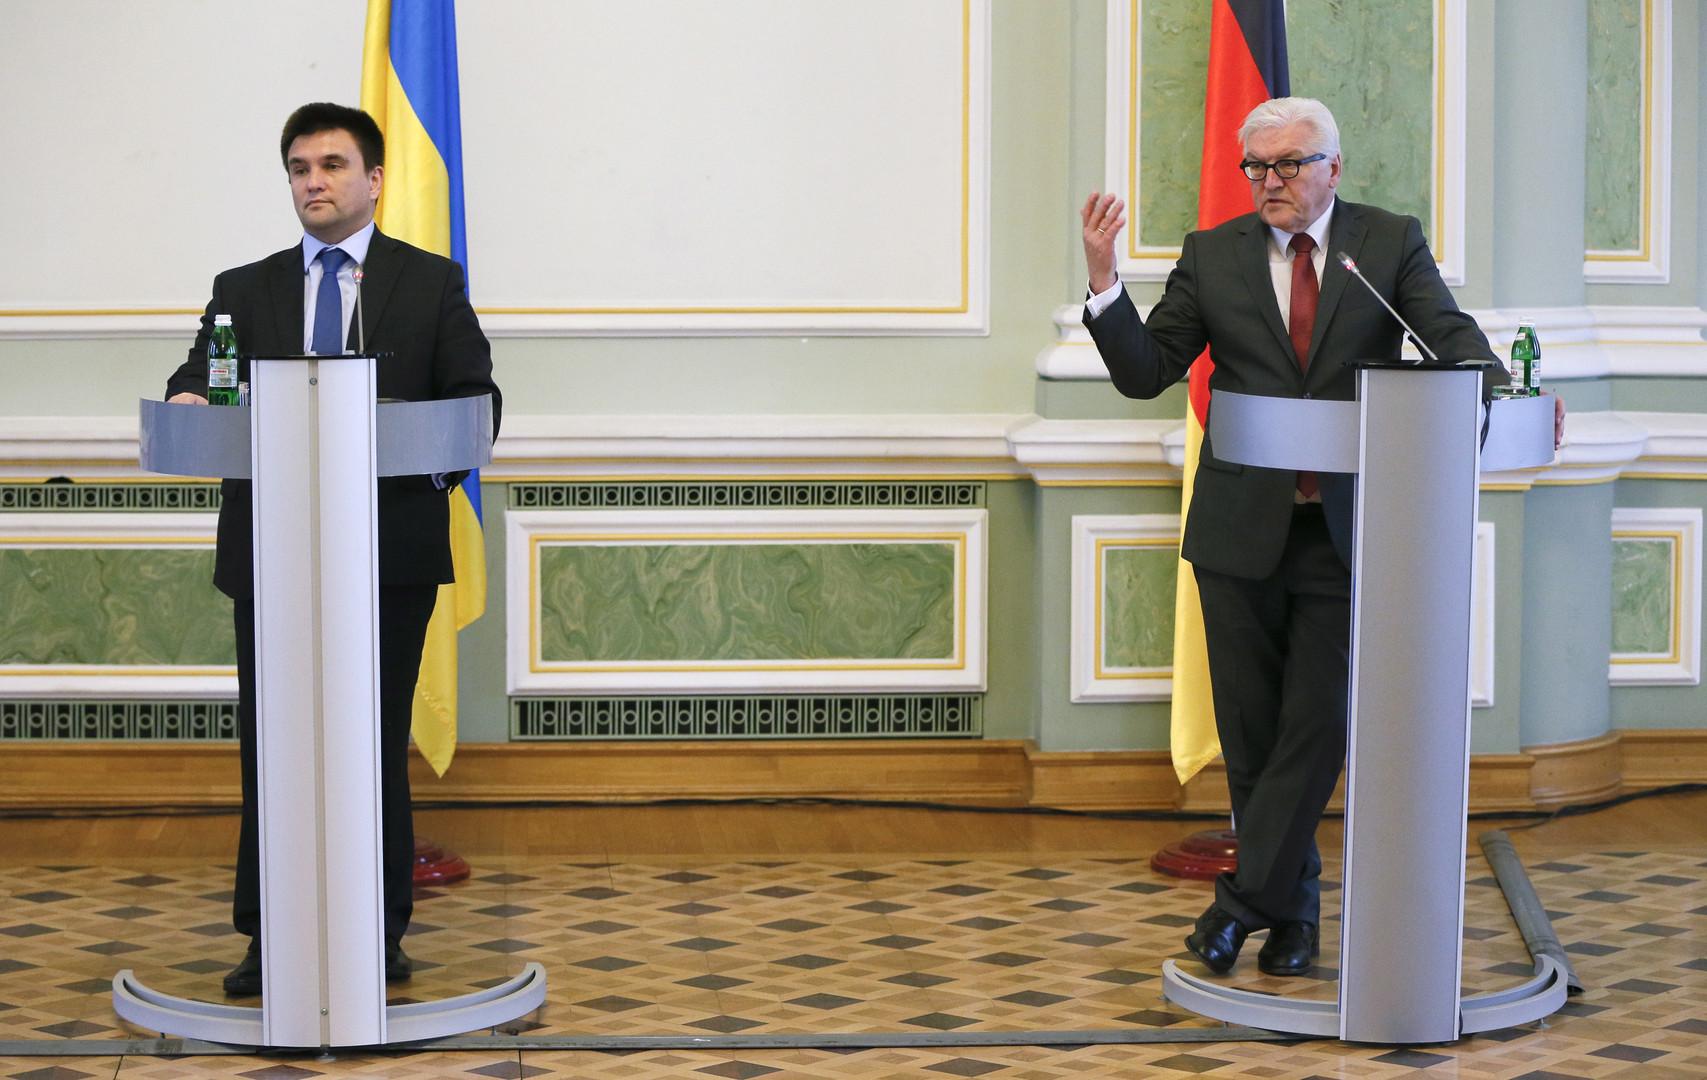 """Deutschland als """"Ordnungsmacht"""" in der Ukraine - Altes Spiel mit zwei Optionen"""